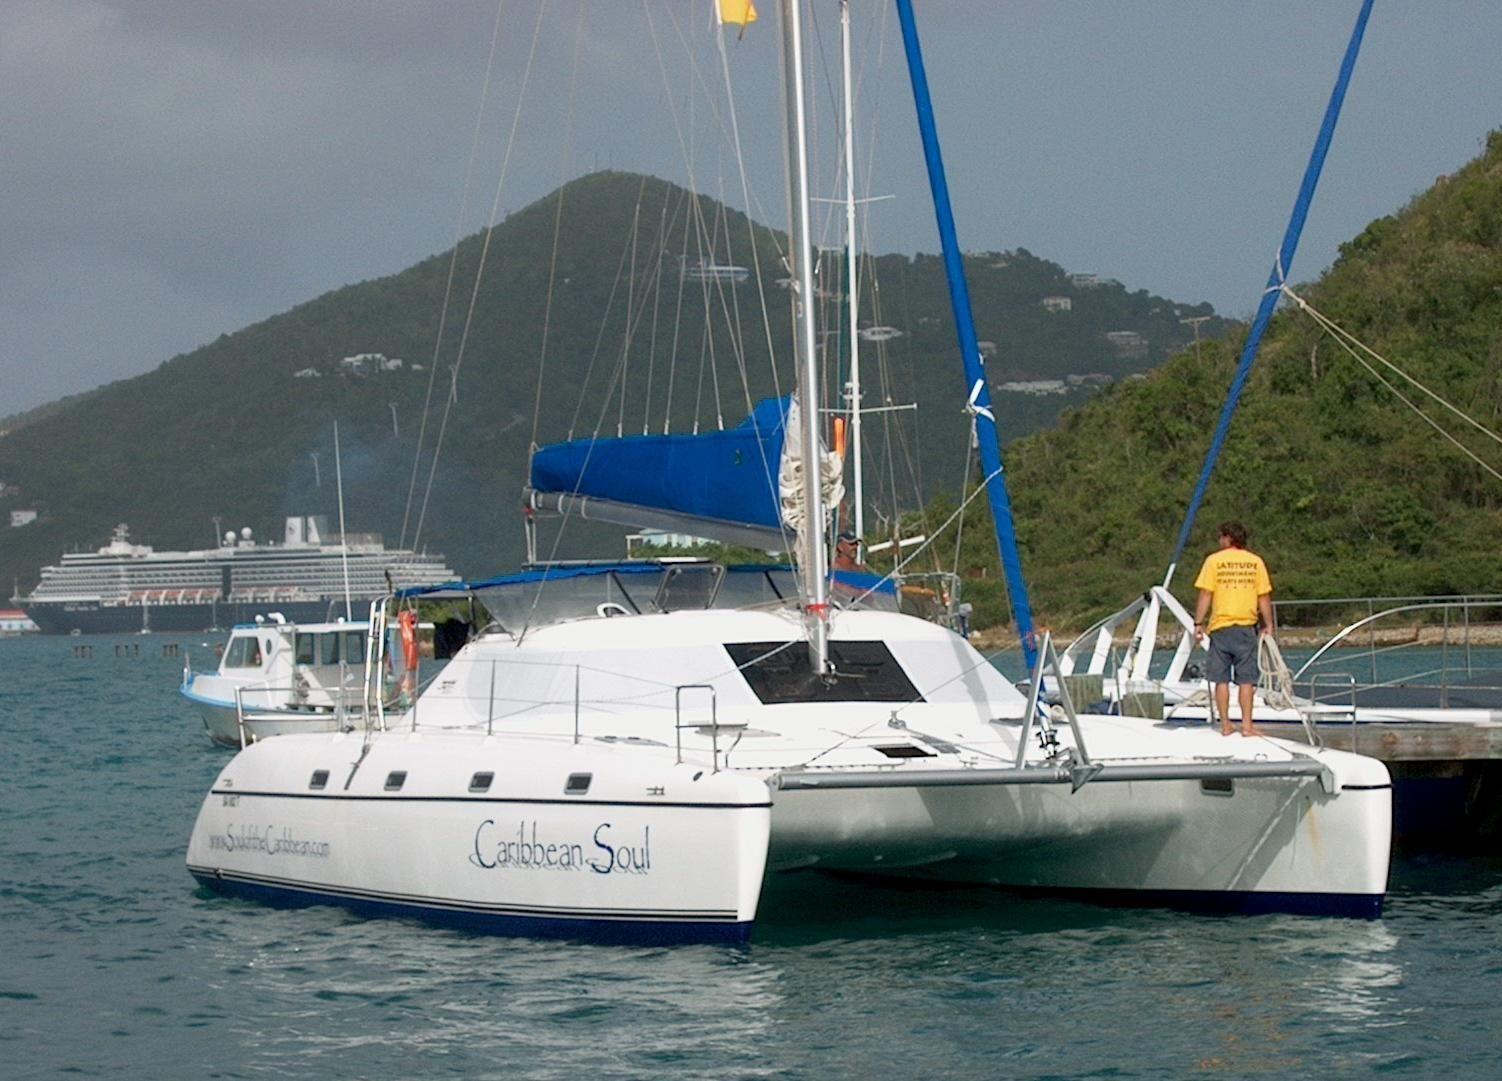 2004 Jaguar Catamarans CAT Sail Boat For Sale www